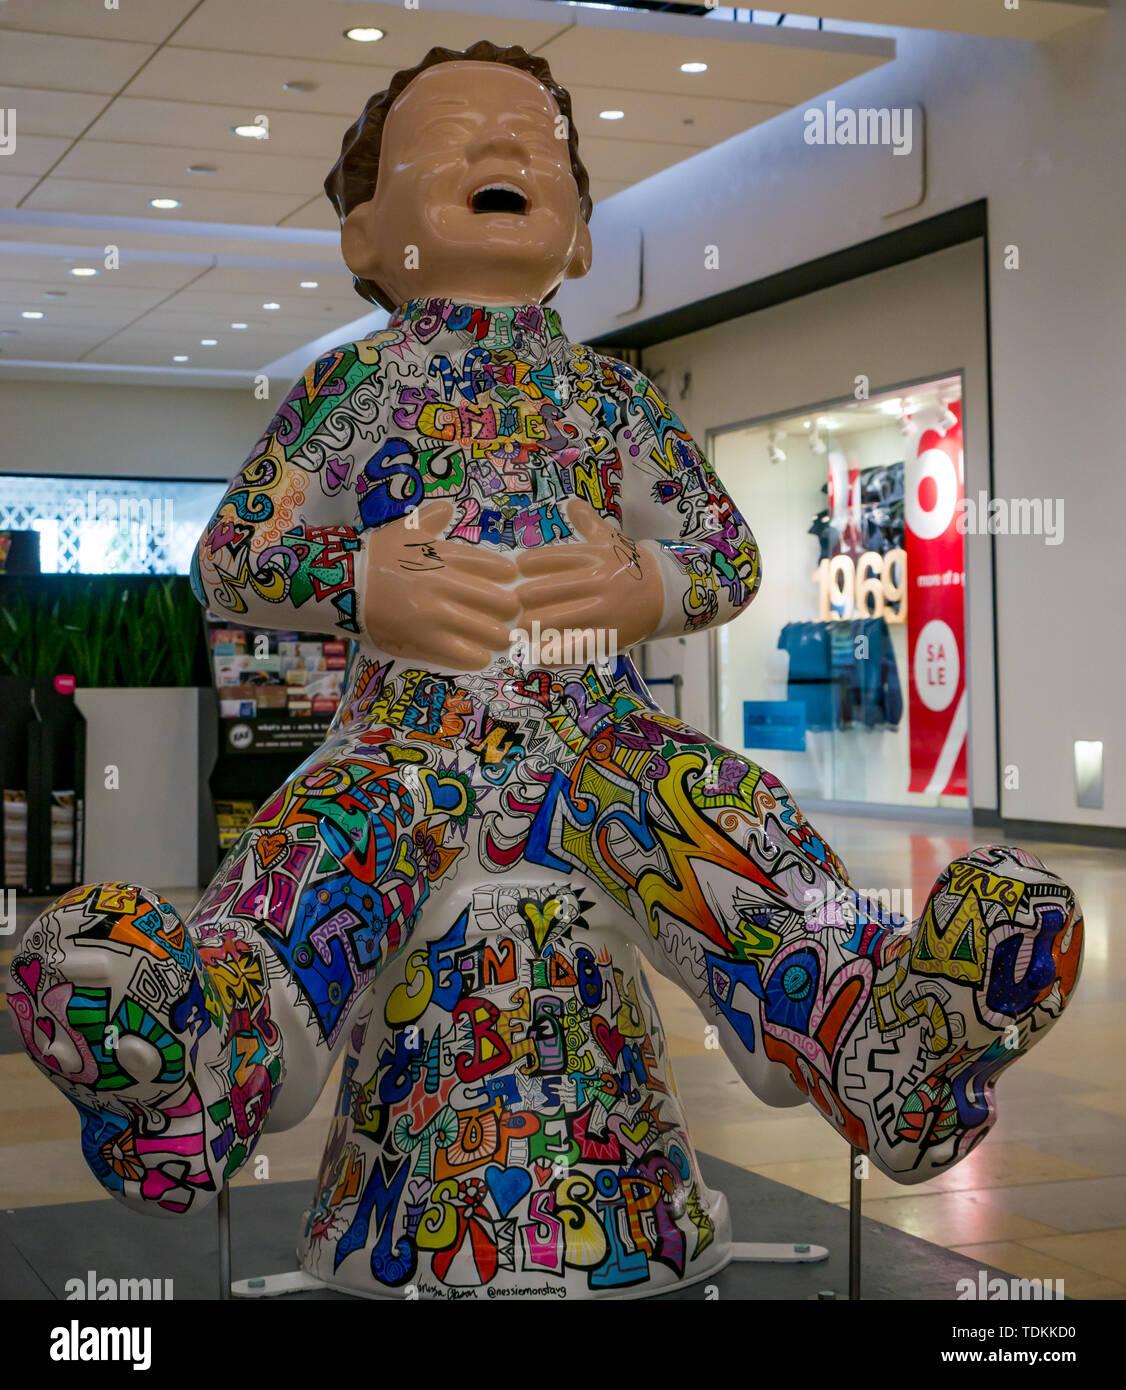 Leith, Edinburgh, Schottland, Vereinigtes Königreich, 17. Juni 2019. Der Oor Wullie grossen Wanne Trail: Eine Art Trail 200 Oor Wullie Skulpturen erscheinen in der schottischen Städte in einem Masse kunst Veranstaltung, die bis zum 30. August dauert. Oor Wullie ist eine Ikone schottischen Zeichentrickfigur aus der Sonntag Post Zeitung. Die Skulpturen wird versteigert Geld für Schottlands Kinderkrankenhaus Nächstenliebe zu erhöhen. Es gibt 5 in Leith, und 60 in Edinburgh zusammen. Die Verkündiger, Craig Reid, am Ocean Terminal von Vanessa Gibson Stockbild